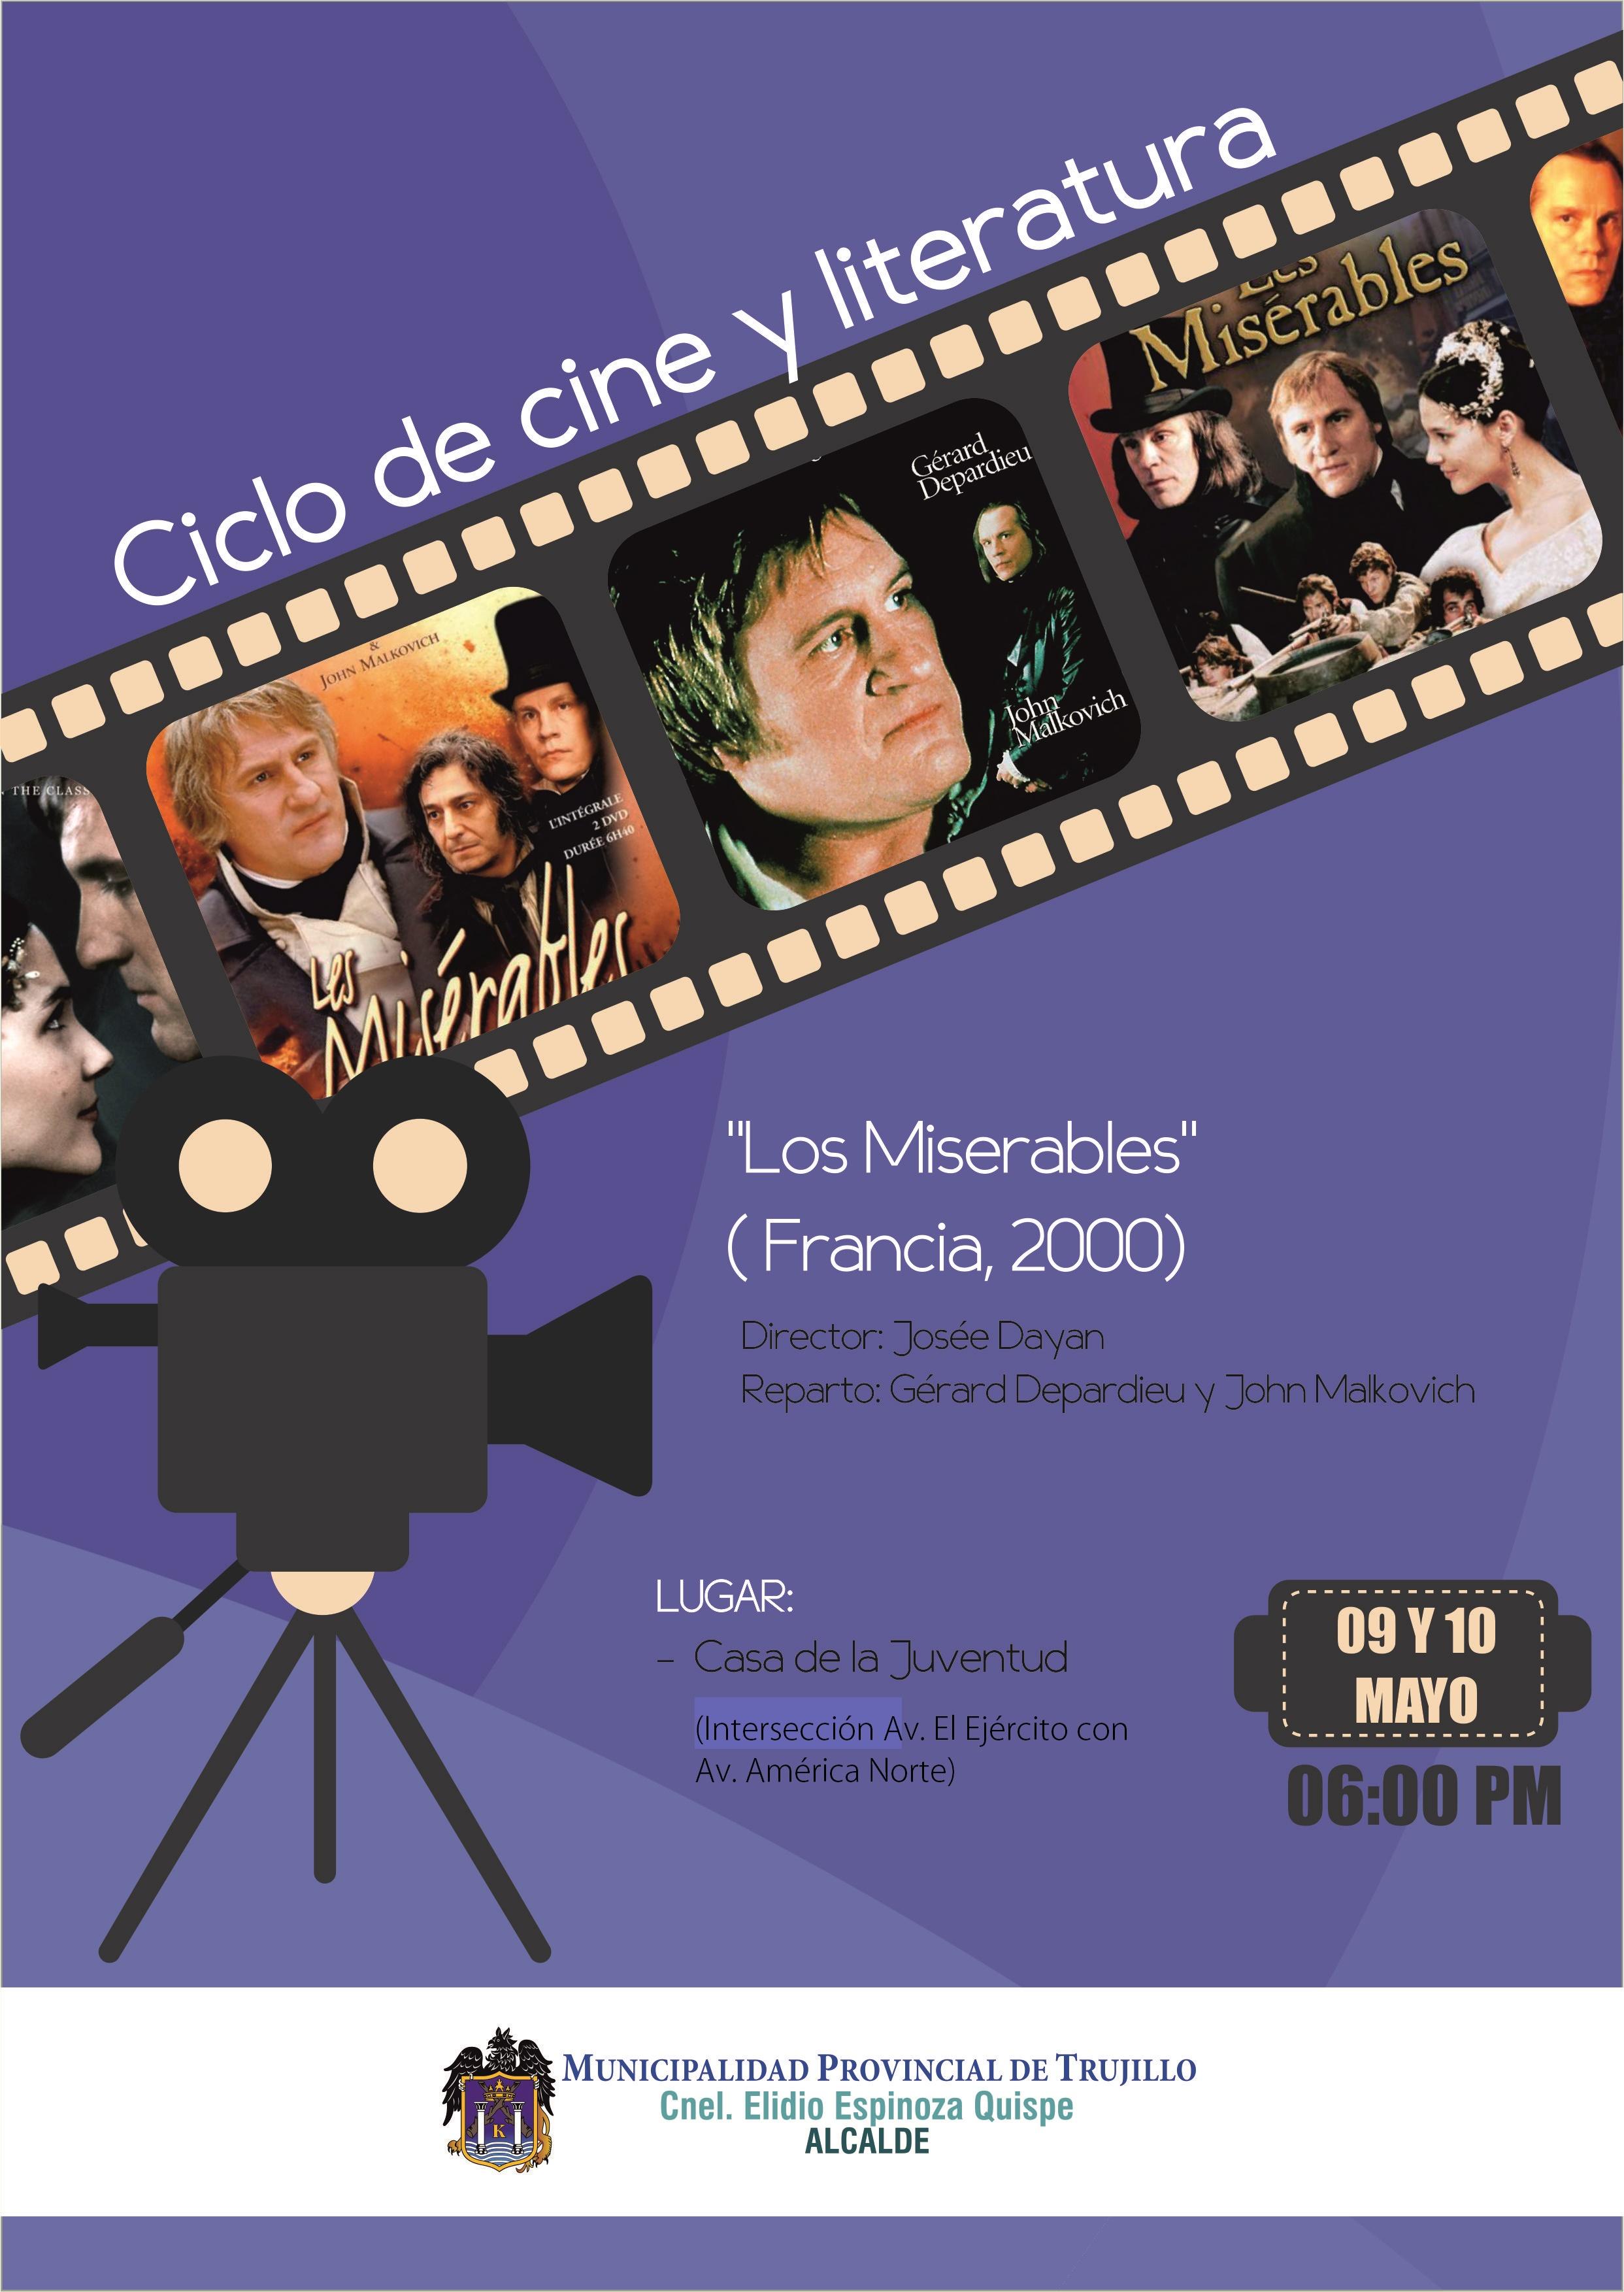 Ciclo de cine y literatura MPT